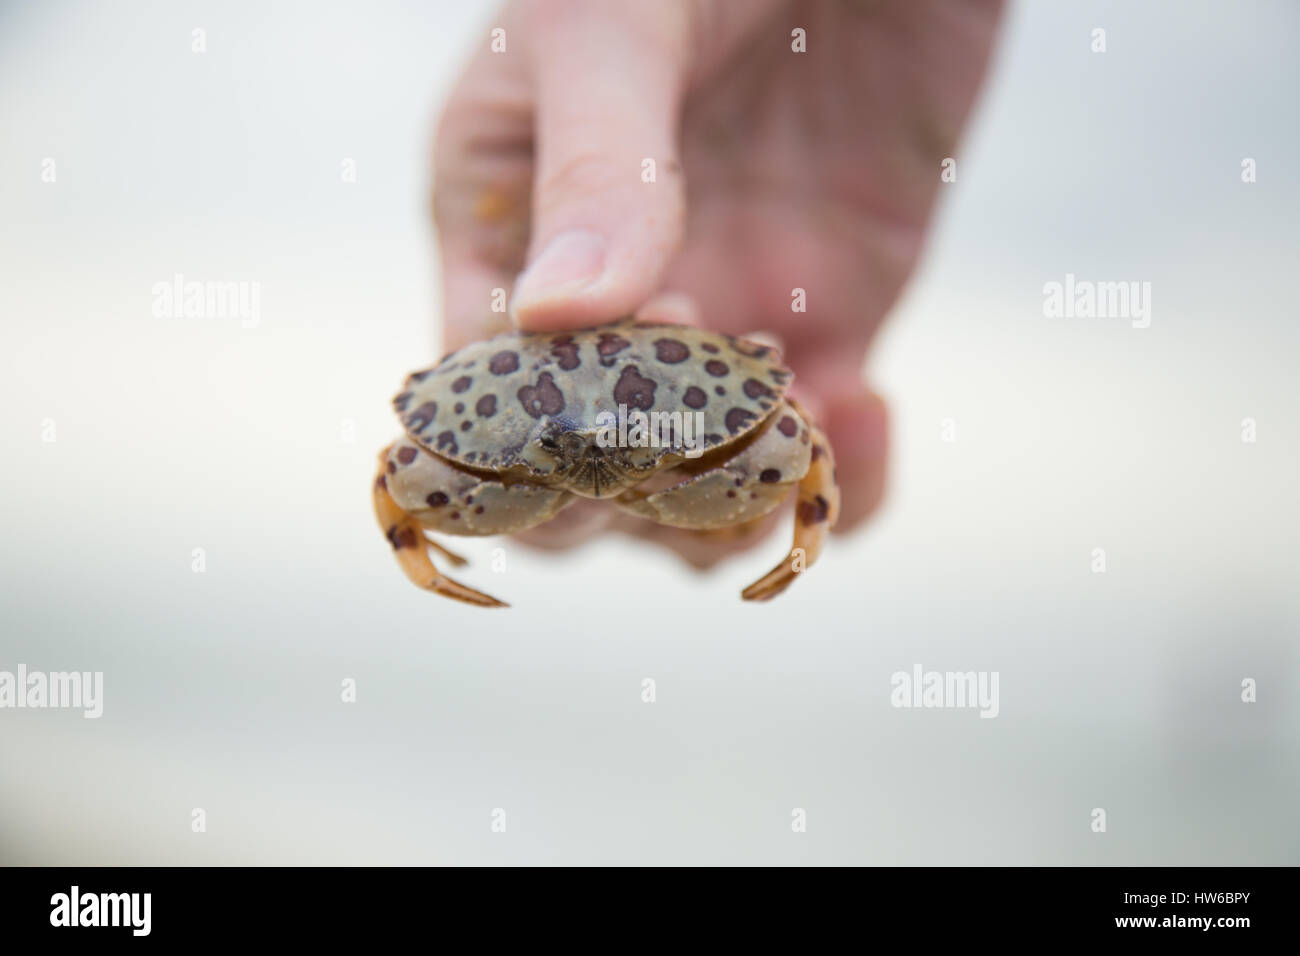 Mano sujetando el cangrejo Imagen De Stock